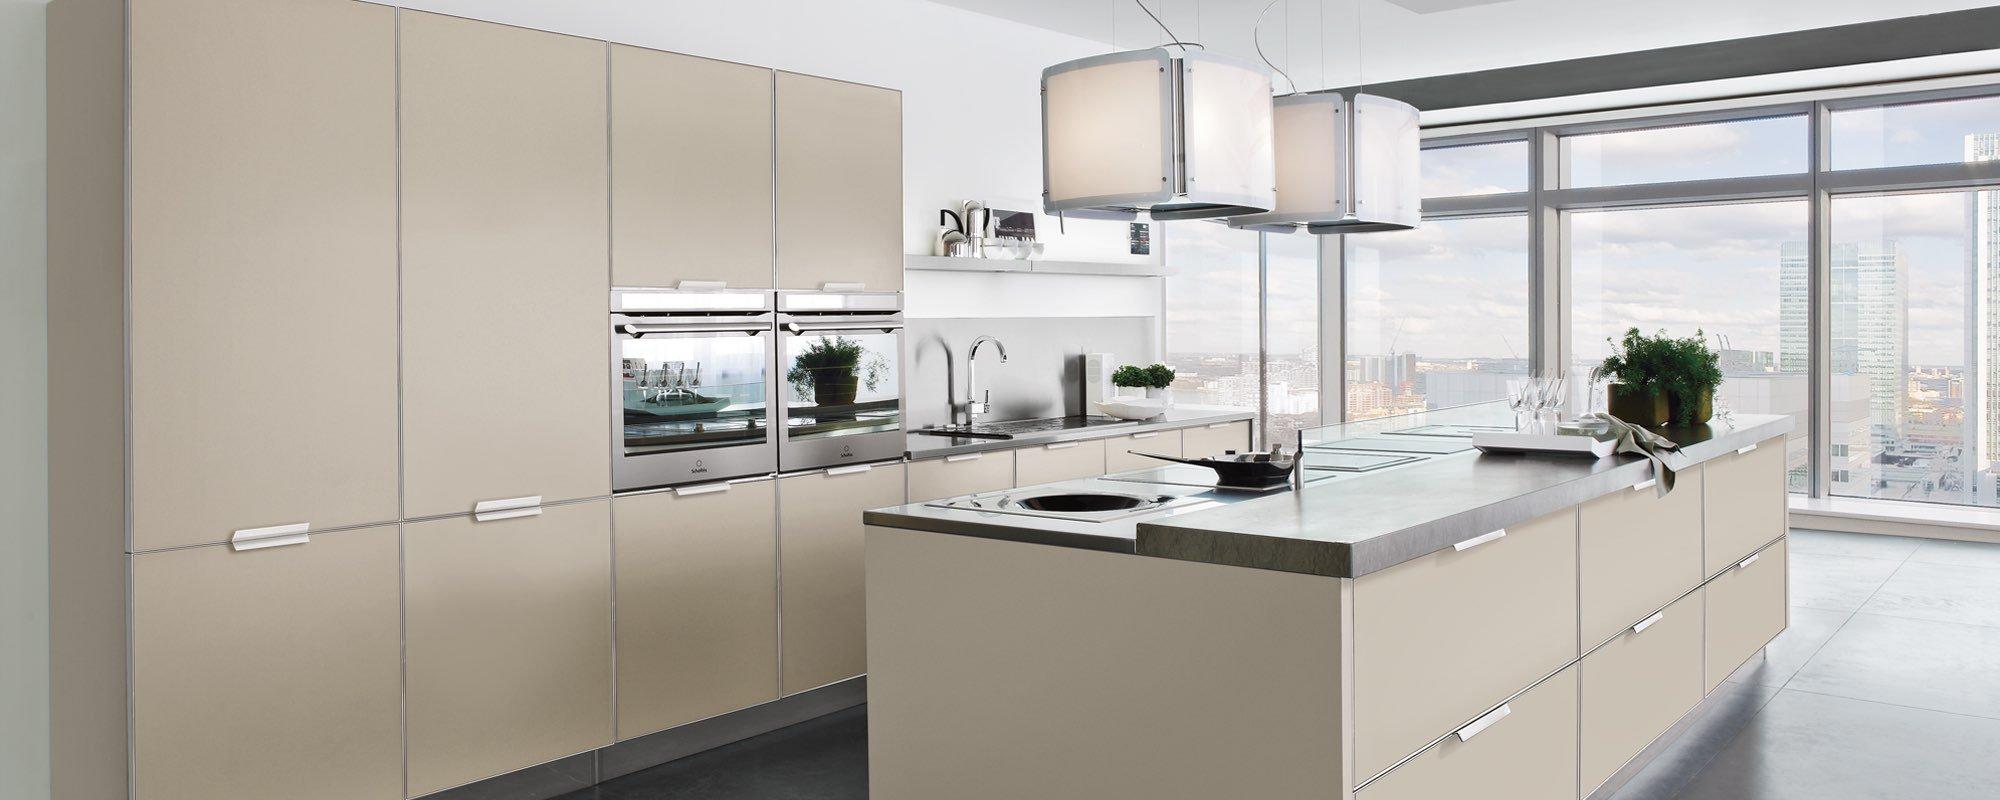 cucina con isola essenza è semplice e luminosa -Brilliant